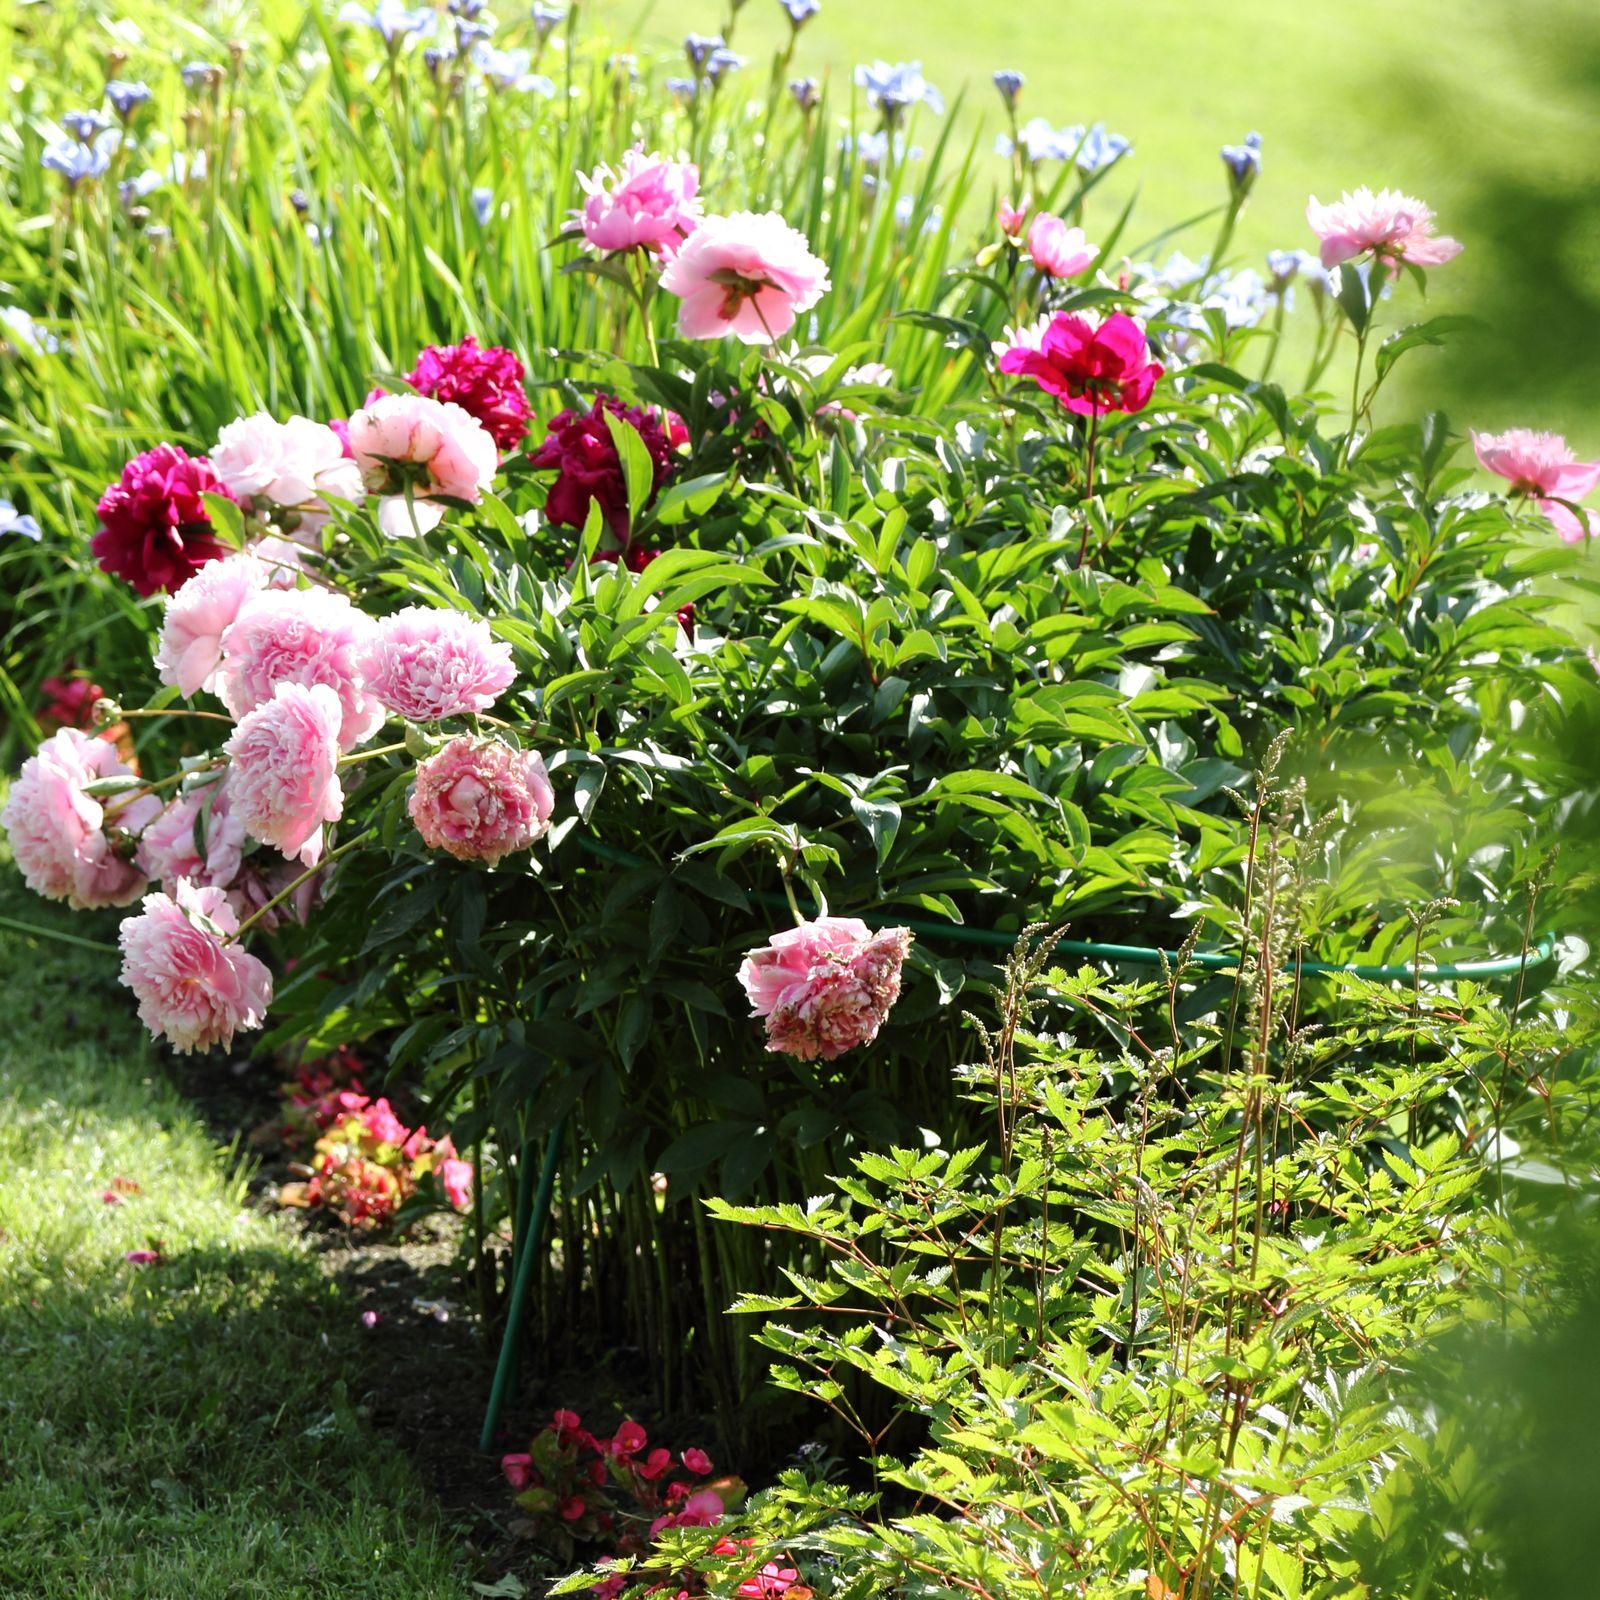 Pfingstrosen pflanzen 3 experten tipps zur auspflanzung for Pfingstrosen pflanzen